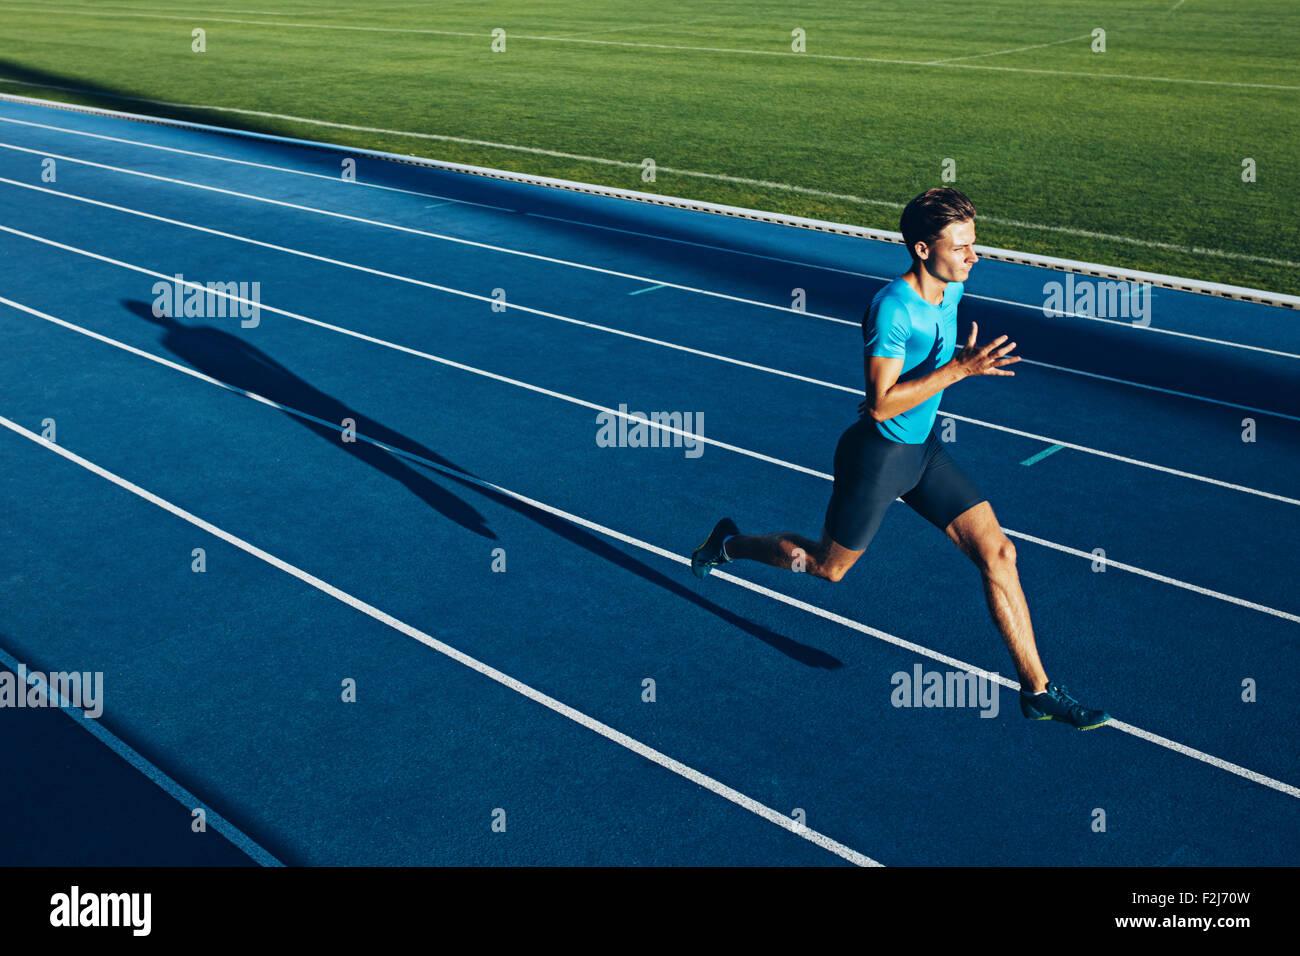 Vue d'un jeune mâle de l'entraînement des athlètes sur une piste de course. Sprinter fonctionnant Photo Stock